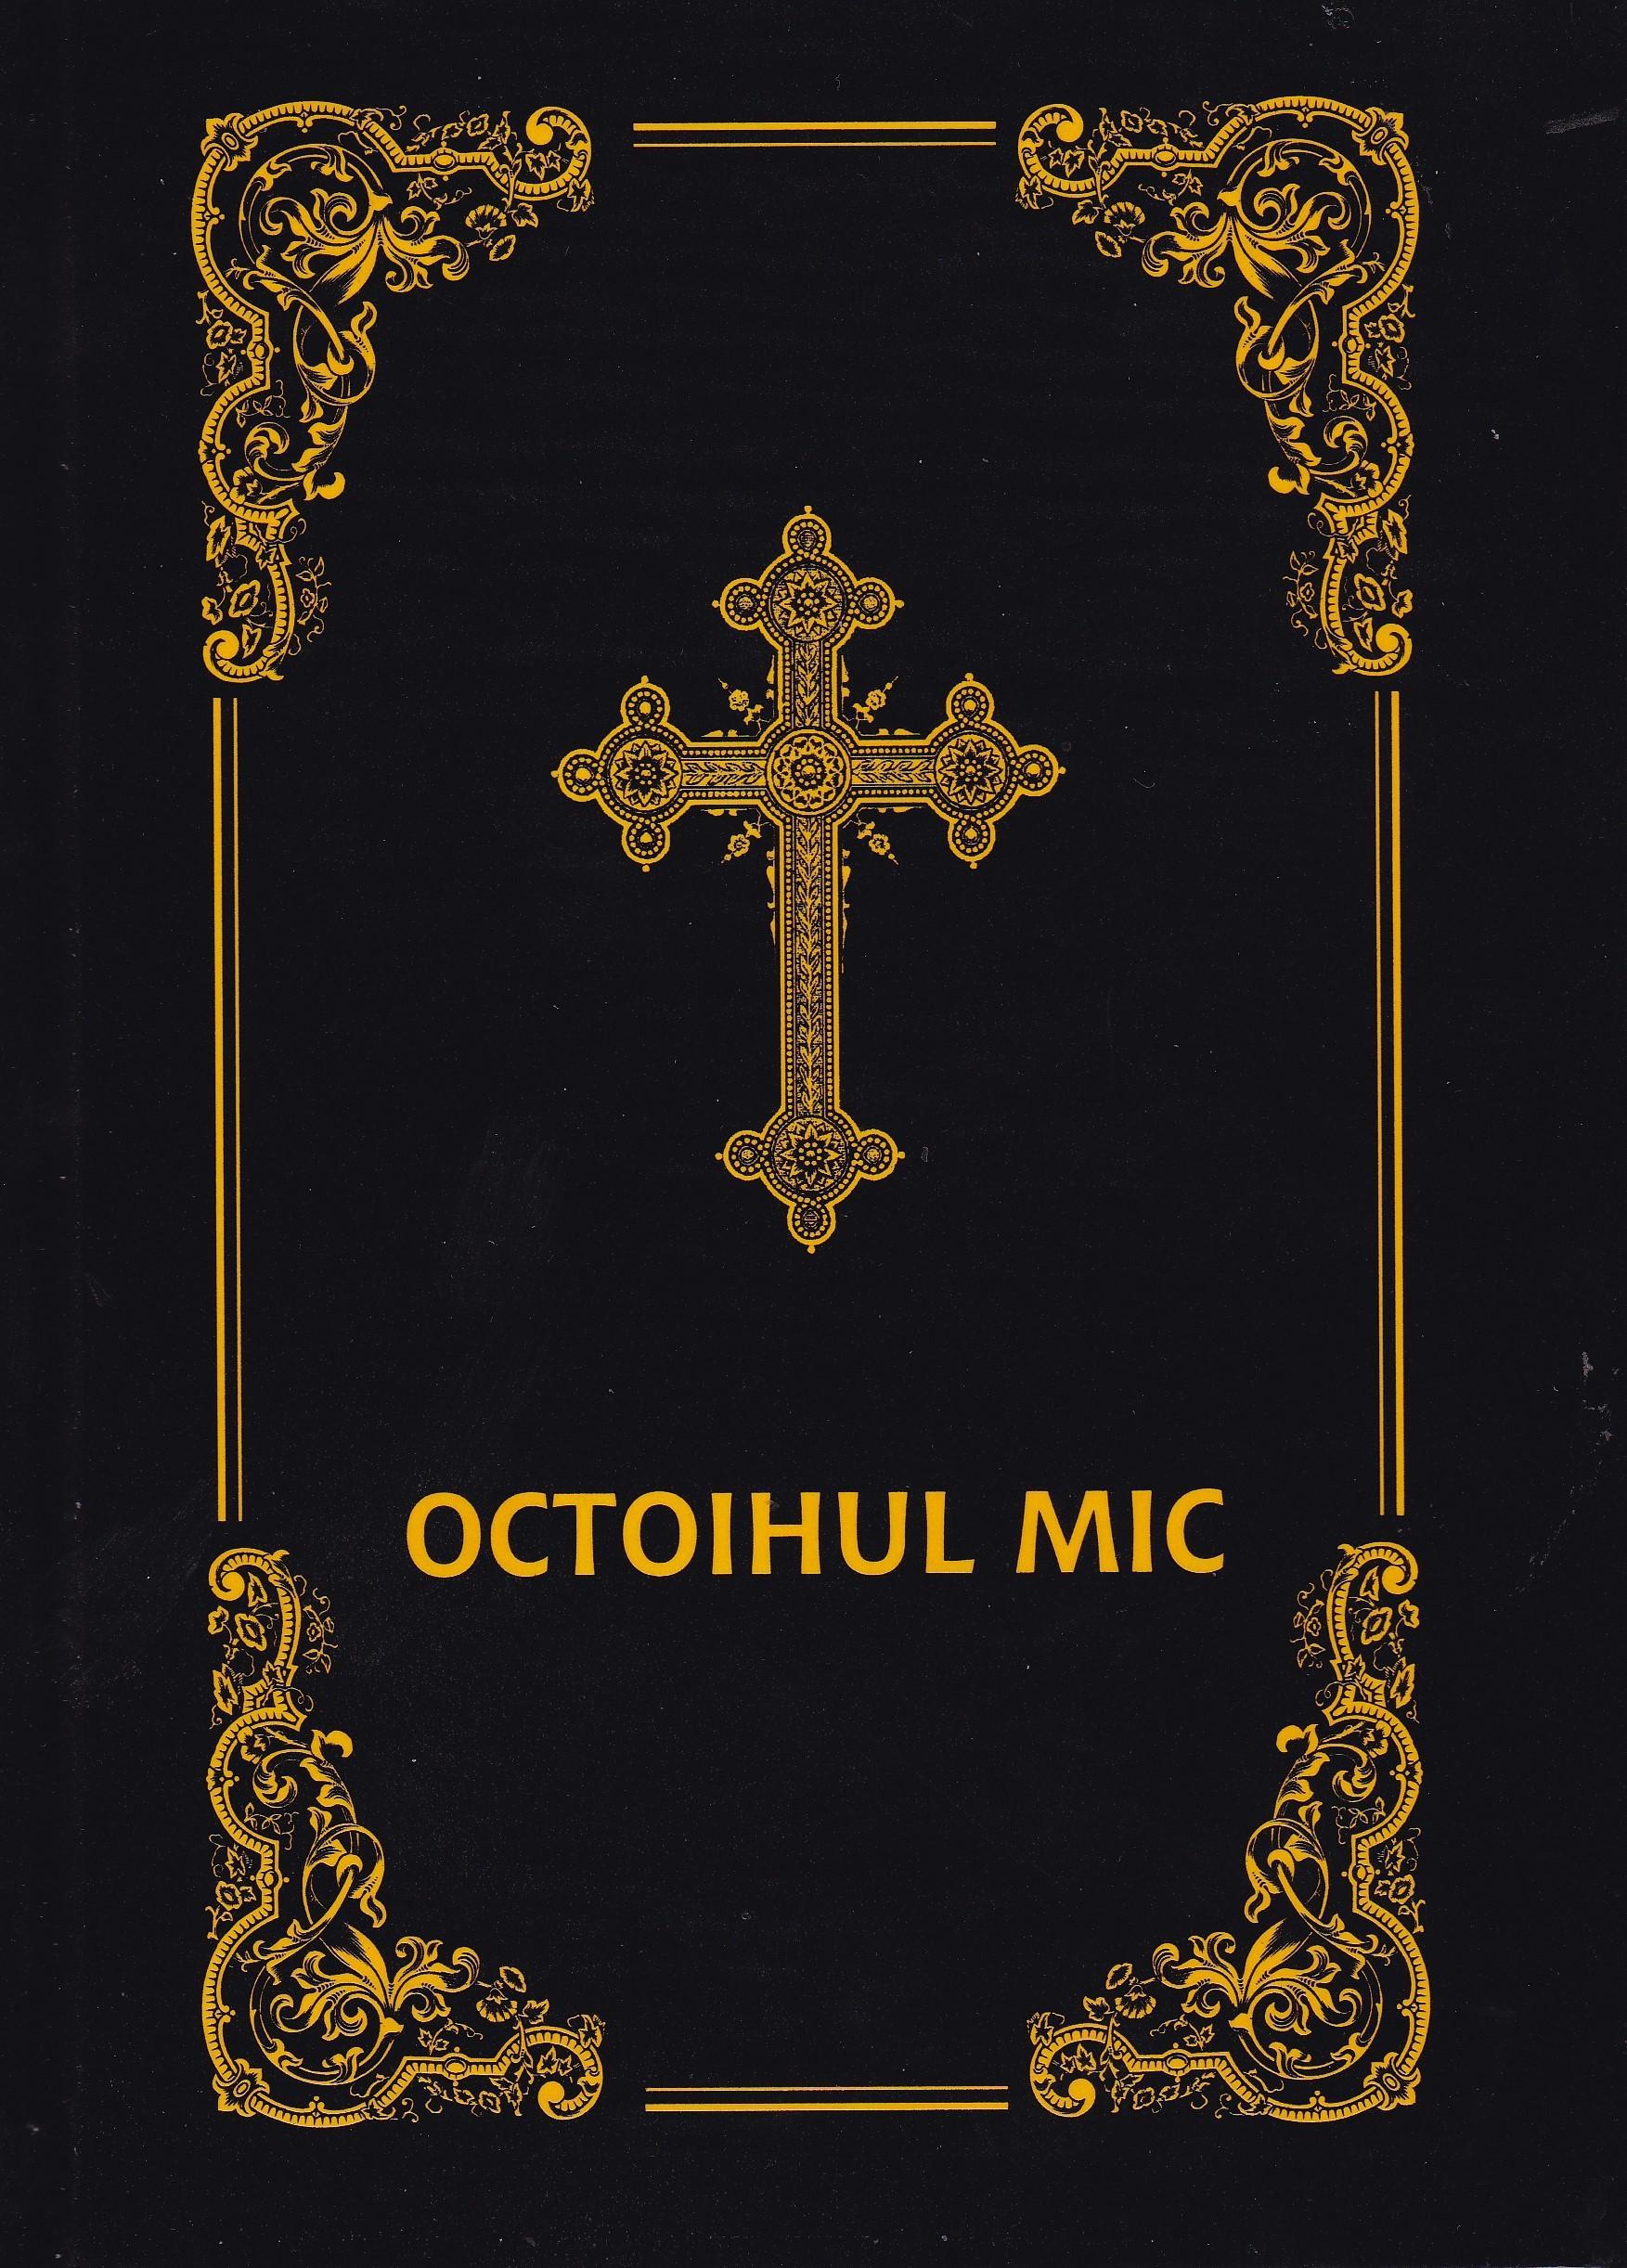 Octoihul Mic